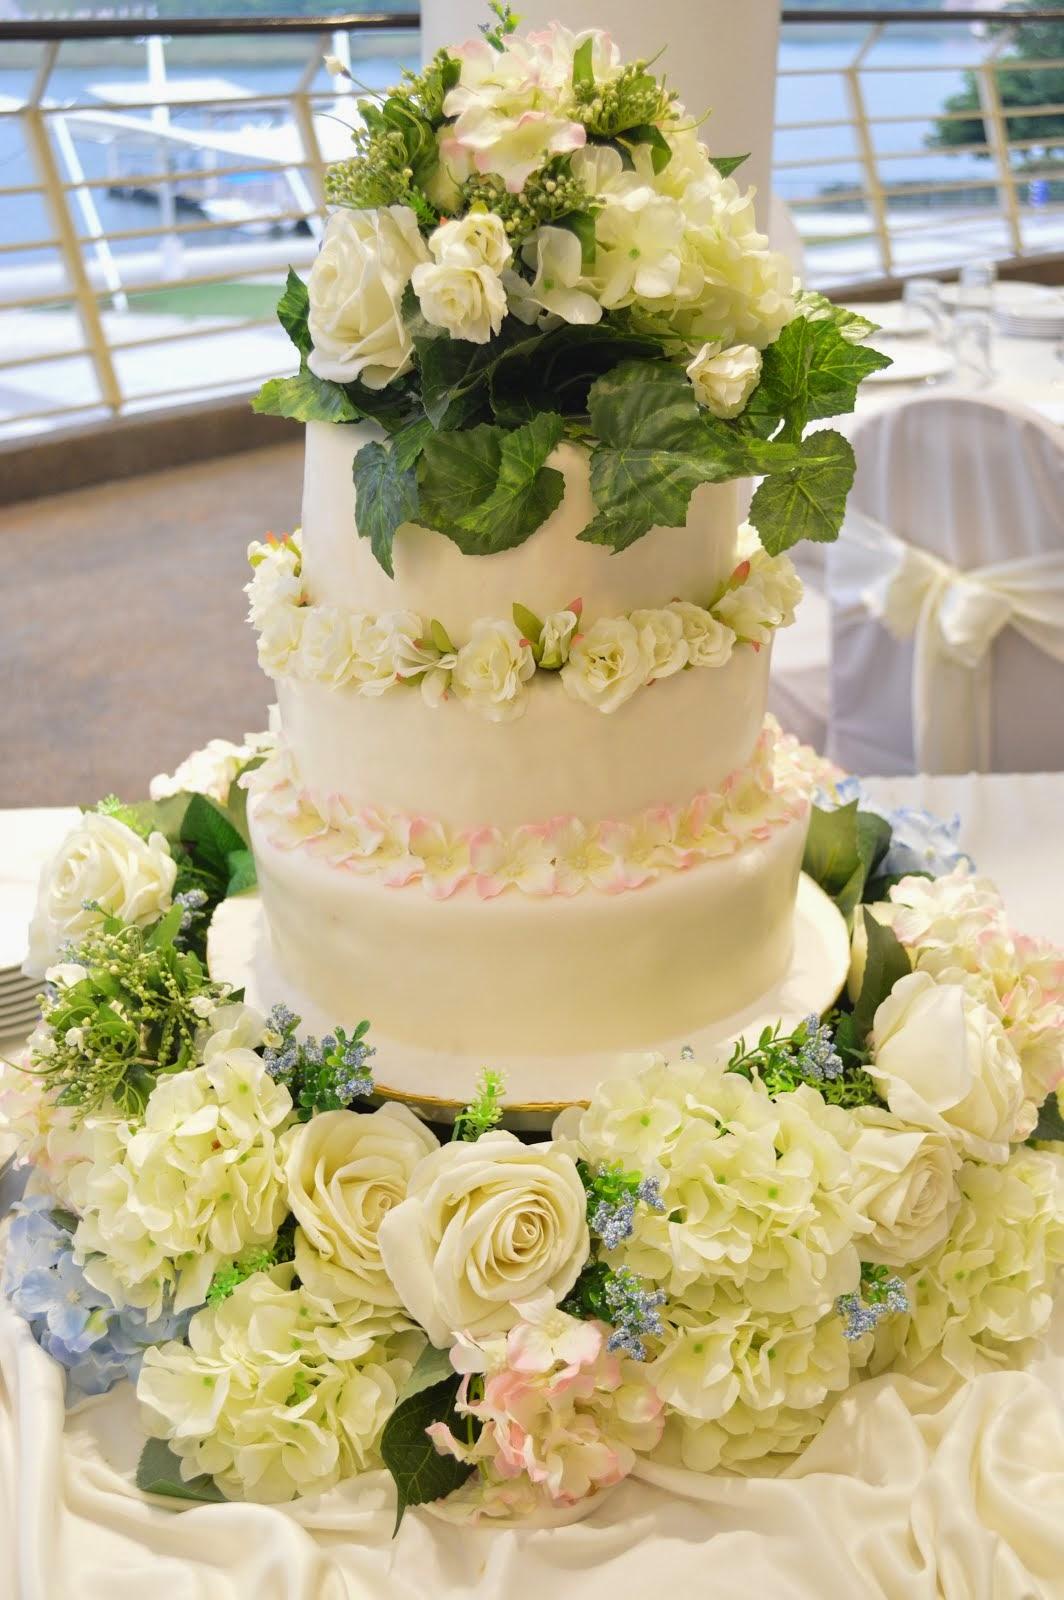 WEDDING CAKE TEMA GARDEN